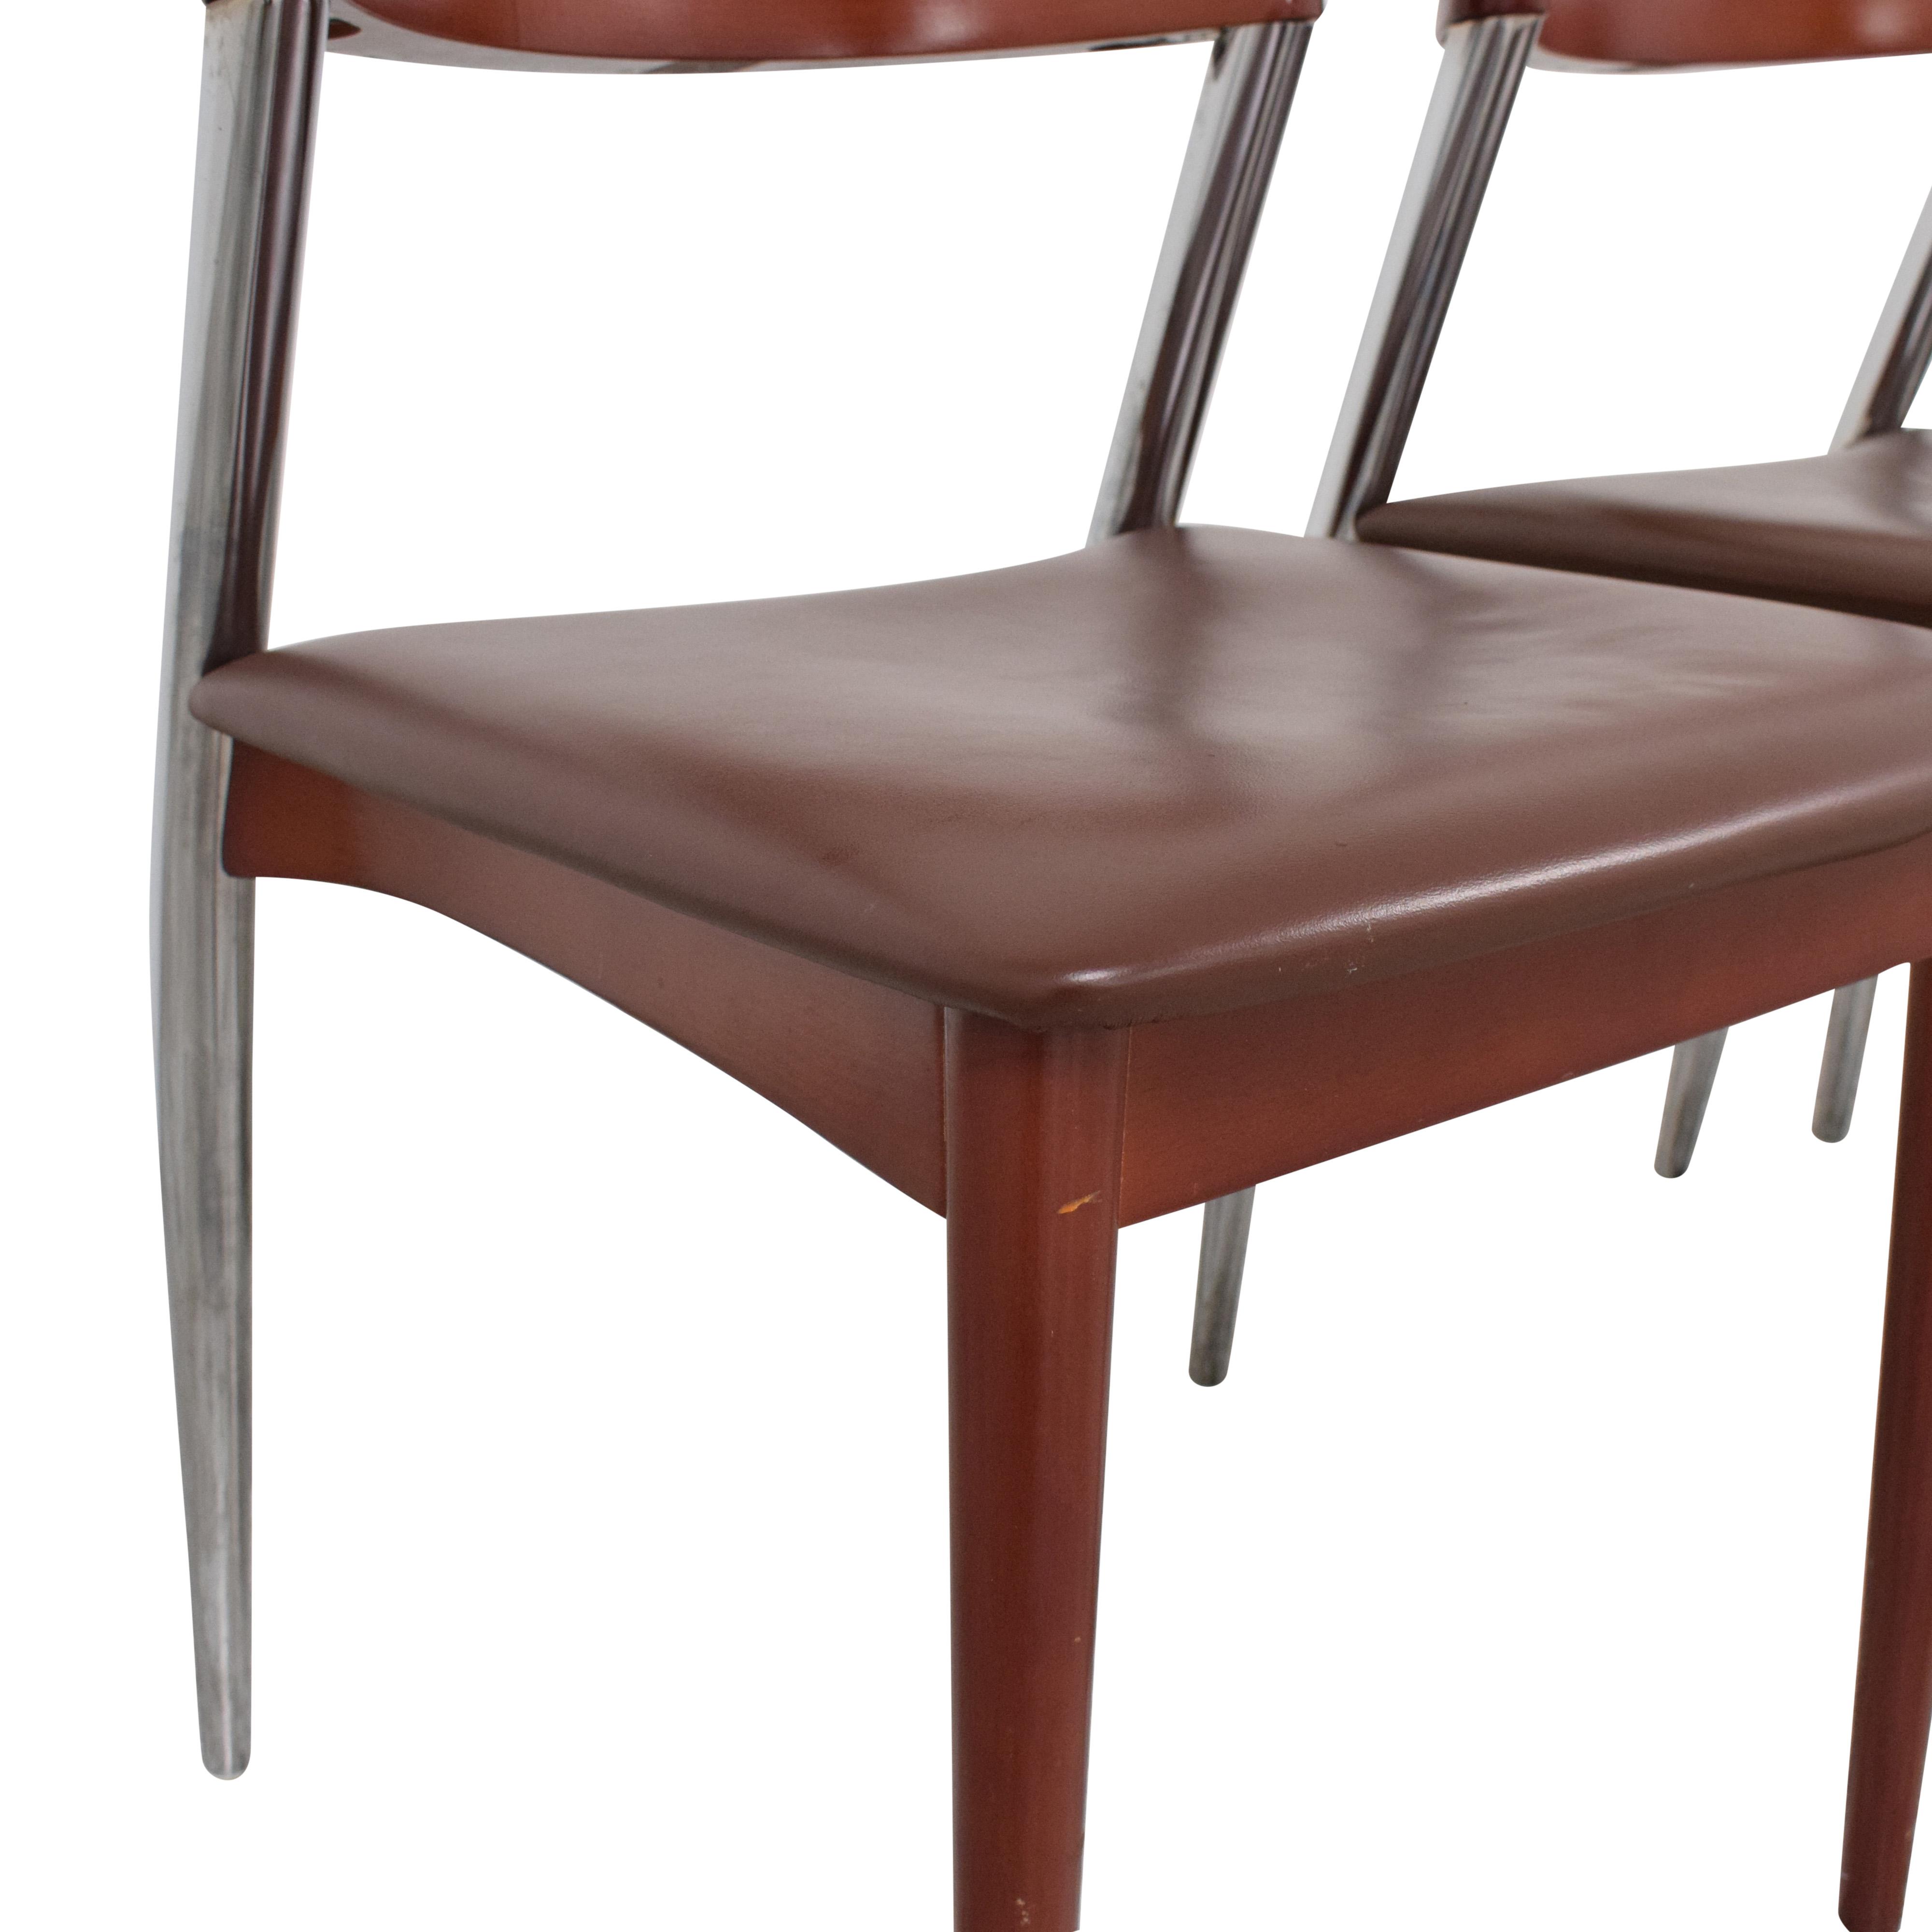 Loewenstein Loewenstein Dining Chairs dimensions